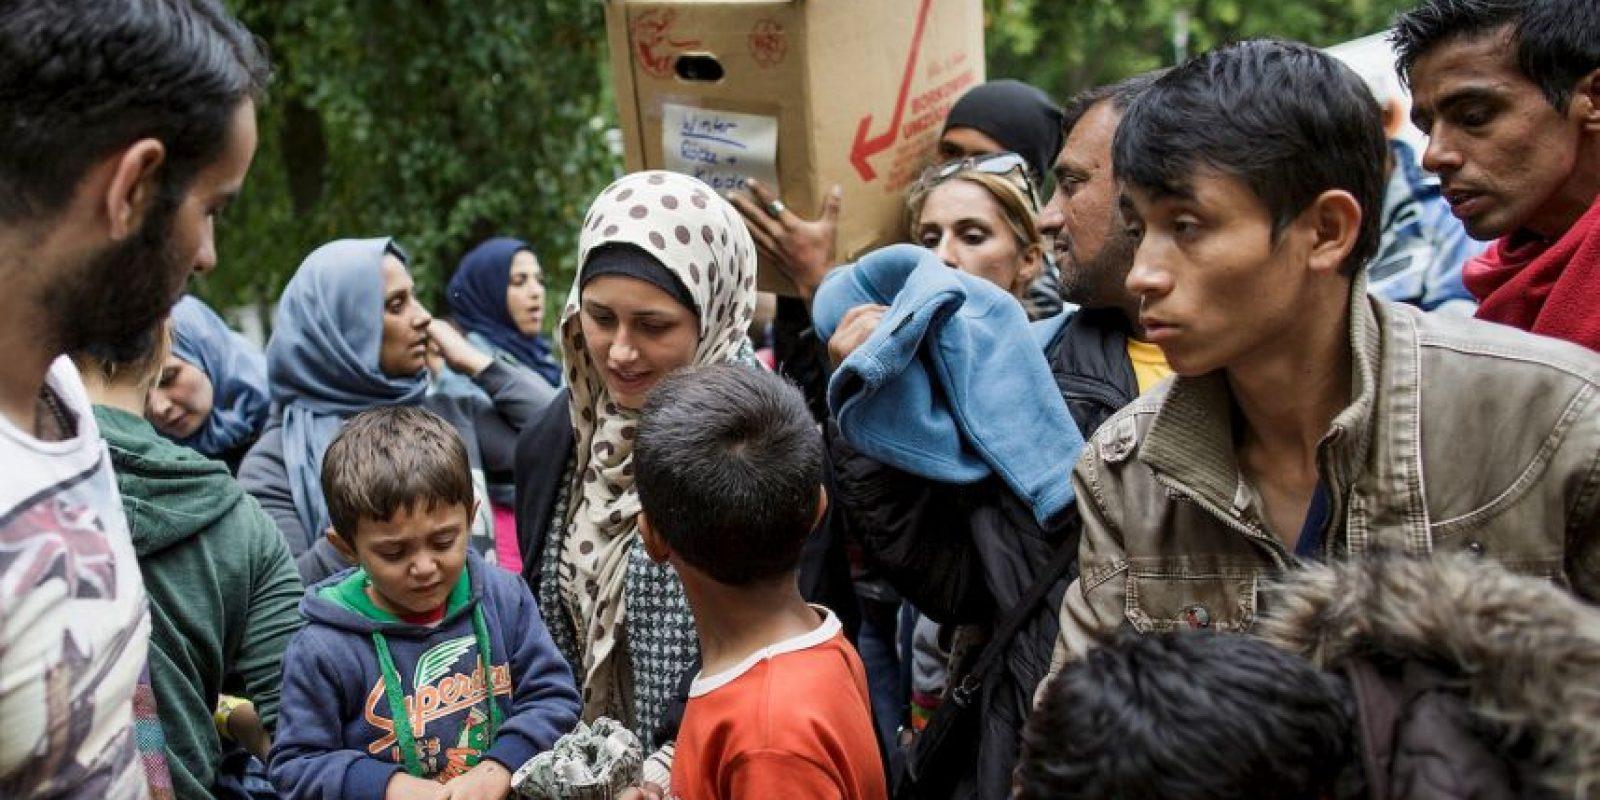 """""""Muchas de las personas que rescatamos huyen de la guerra, la opresión y la tortura; otras, de la pobreza, la persecución y las violaciones de los derechos humanos. Todas ellas quieren una vida mejor y más segura"""", destaca MSF. Foto:Getty Images"""